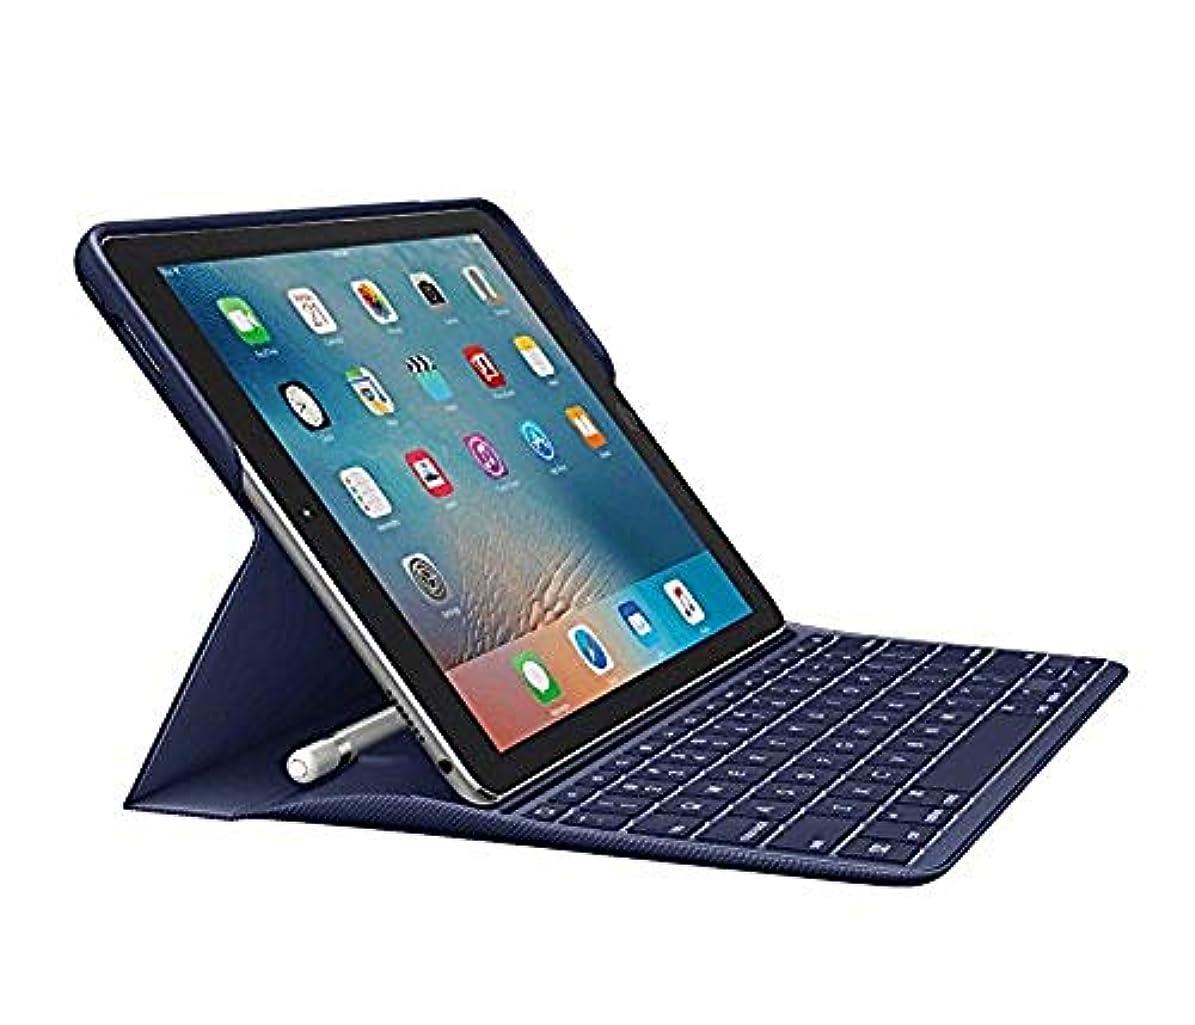 ボタン家主腐ったLogitech Create: バックライト付きワイヤレスキーボード スマートコネクター付き -  iPad Pro 9.7インチ (プラム) ブルー 920-008121